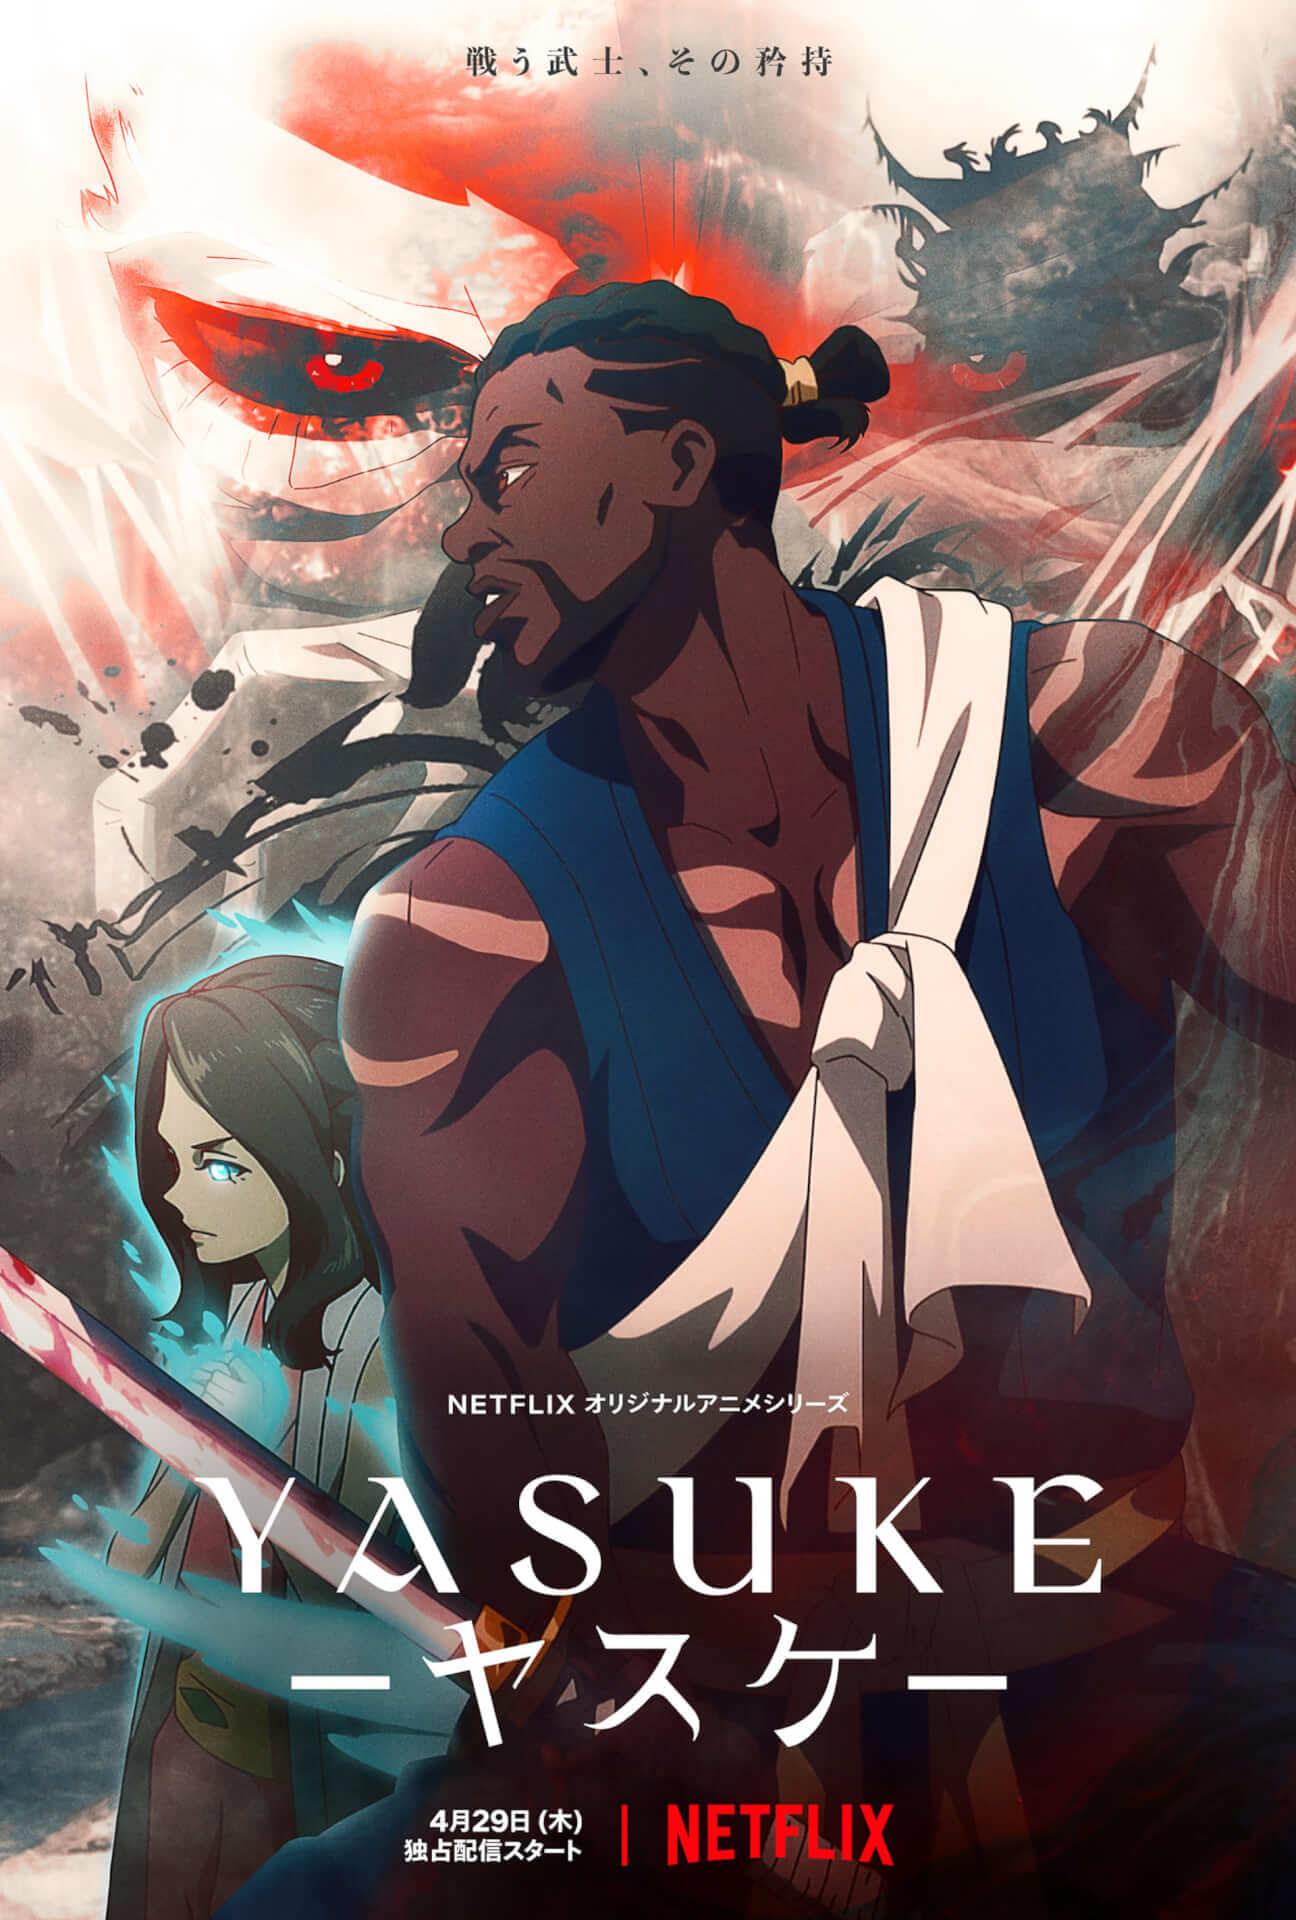 今週配信スタートのNetflix『Yasuke -ヤスケ-』の本予告映像とキーアートが解禁! art210426_yasuke-210426_1